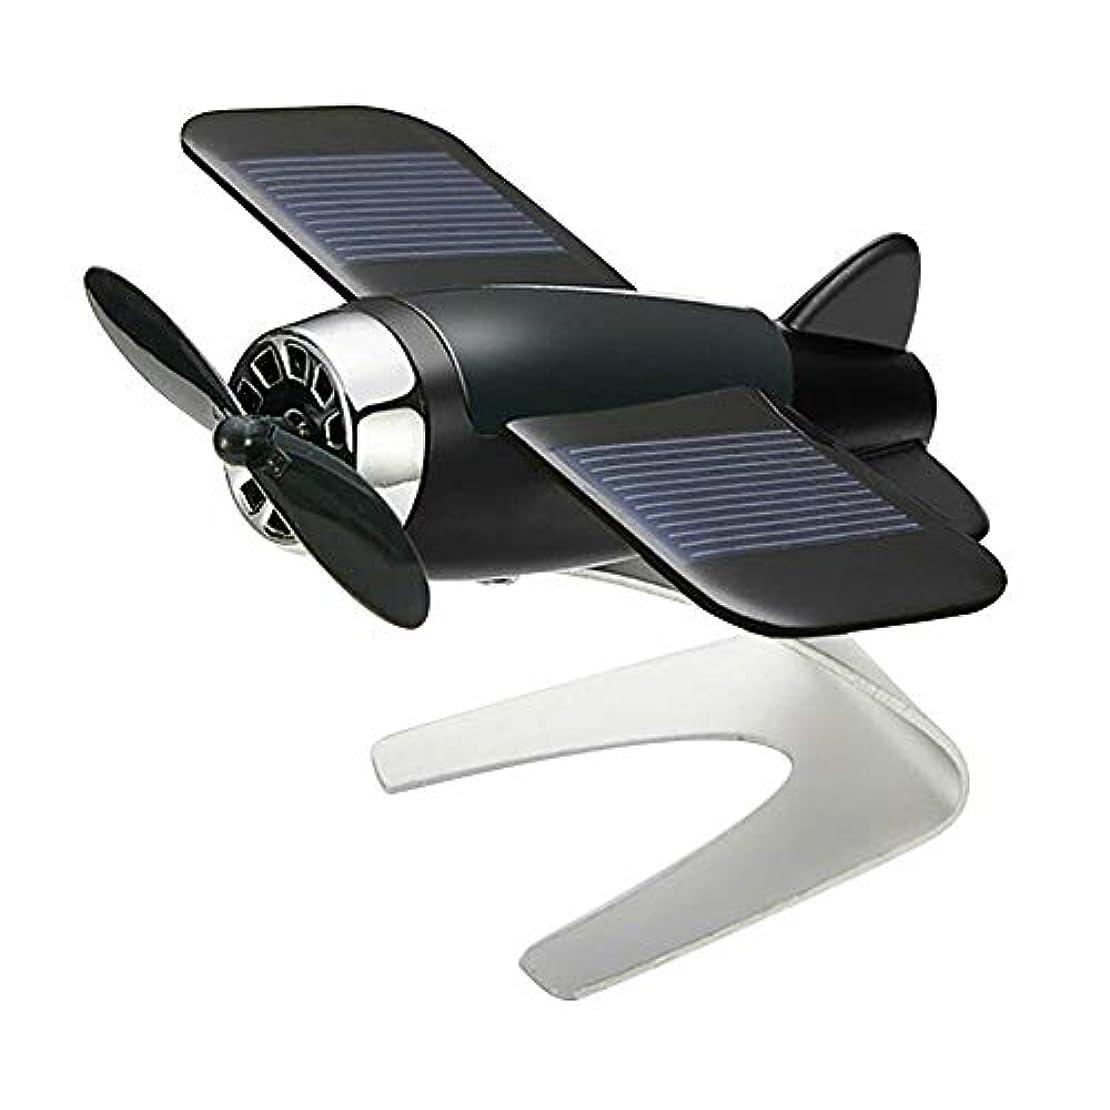 リフレッシュ旋律的休憩するSymboat 車の芳香剤飛行機航空機モデル太陽エネルギーアロマテラピー室内装飾